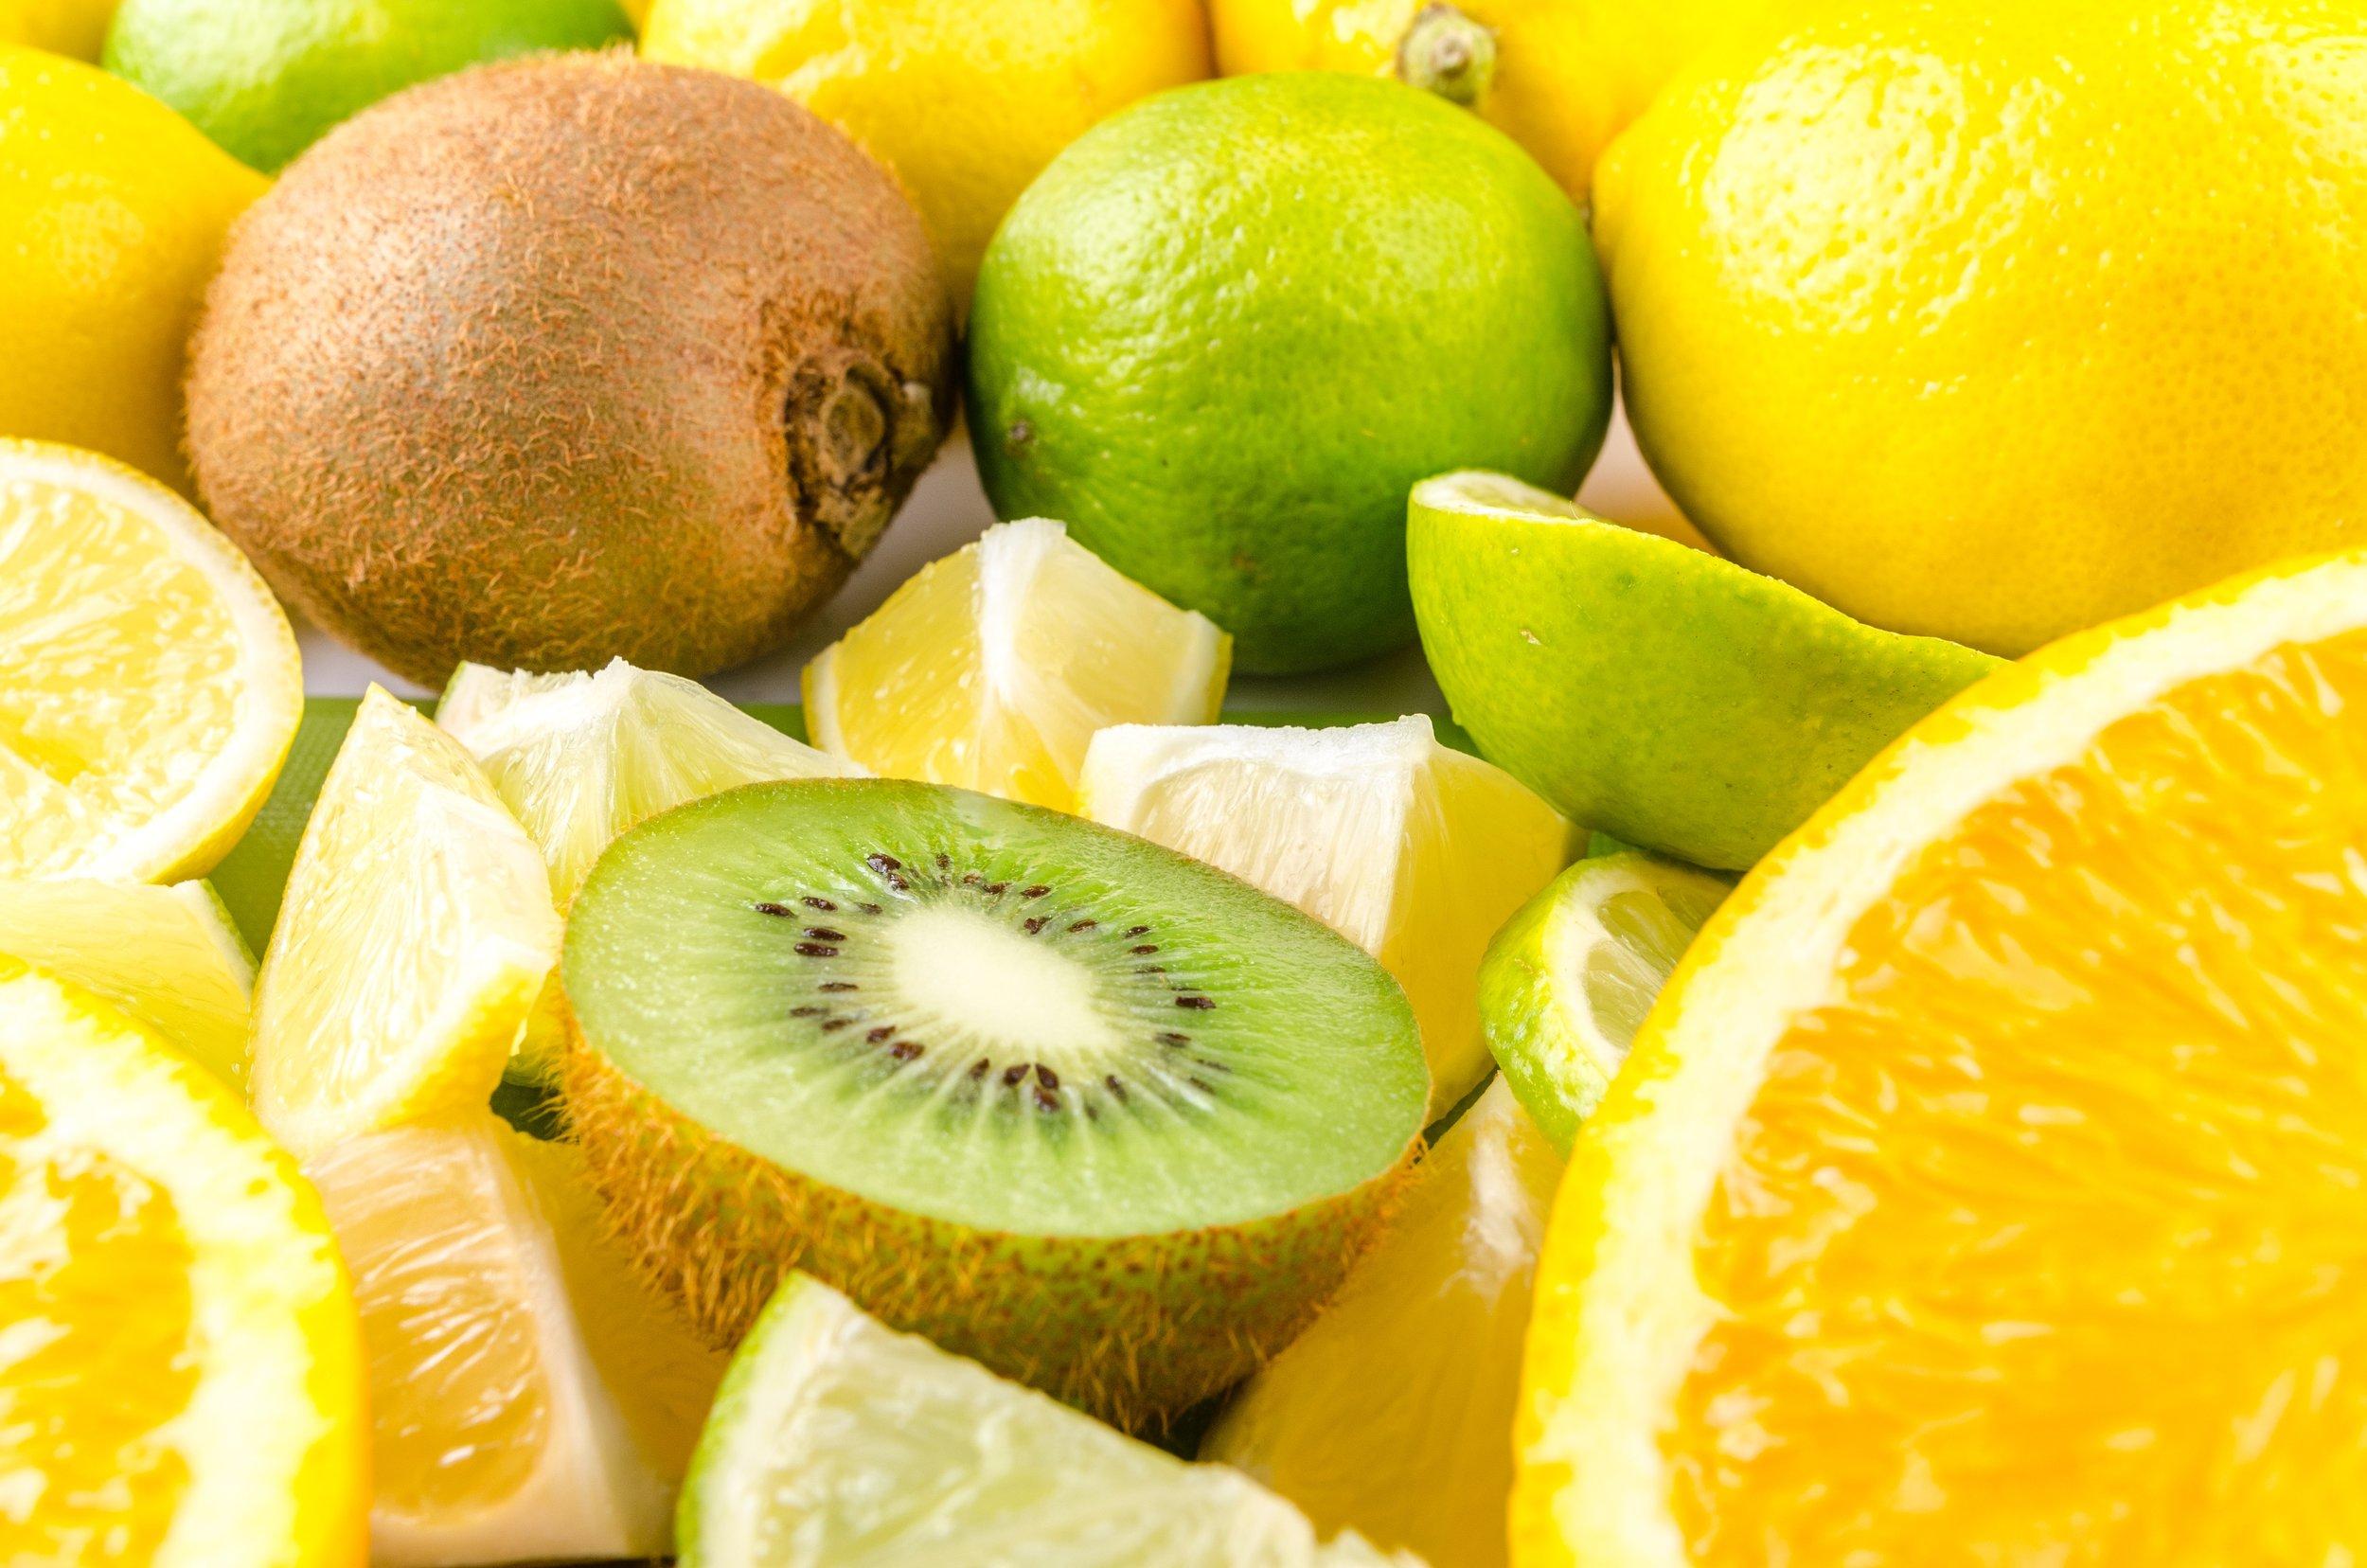 citrus-fruit-close-up-delicious-1414129.jpg